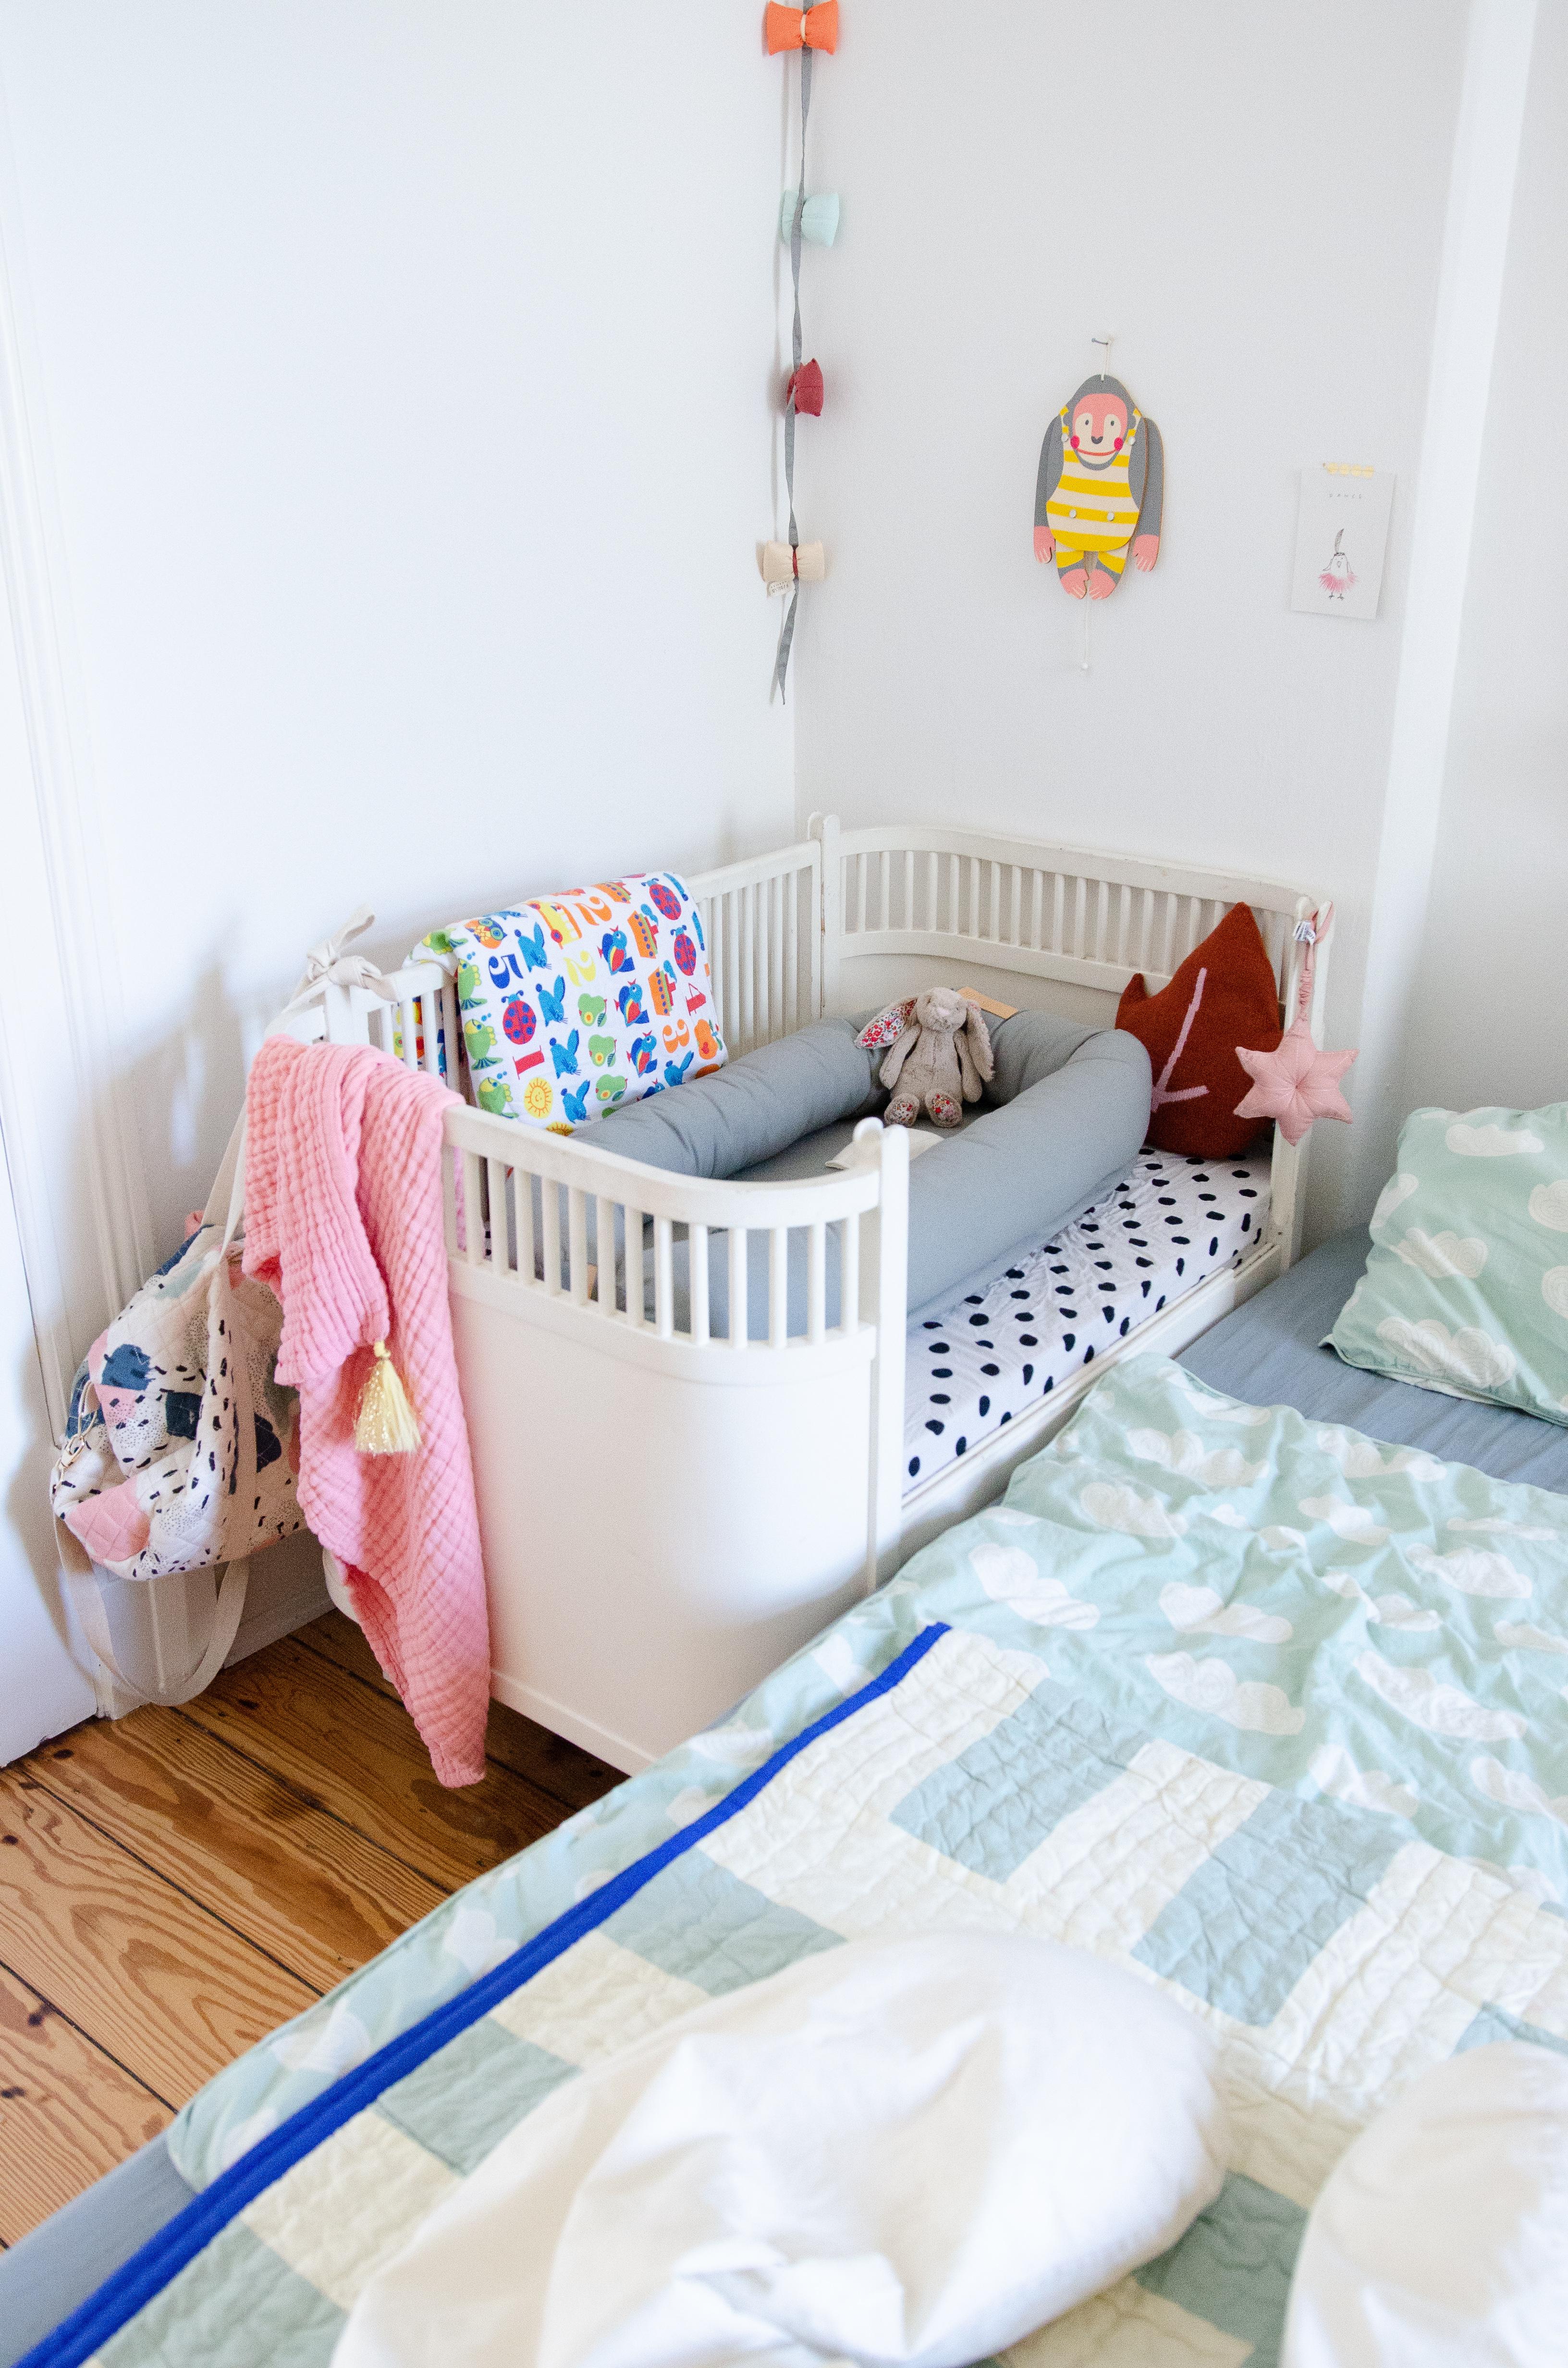 Turbo Unser Familienbett - schnell und einach aus zwei Ikea-Betten AX58